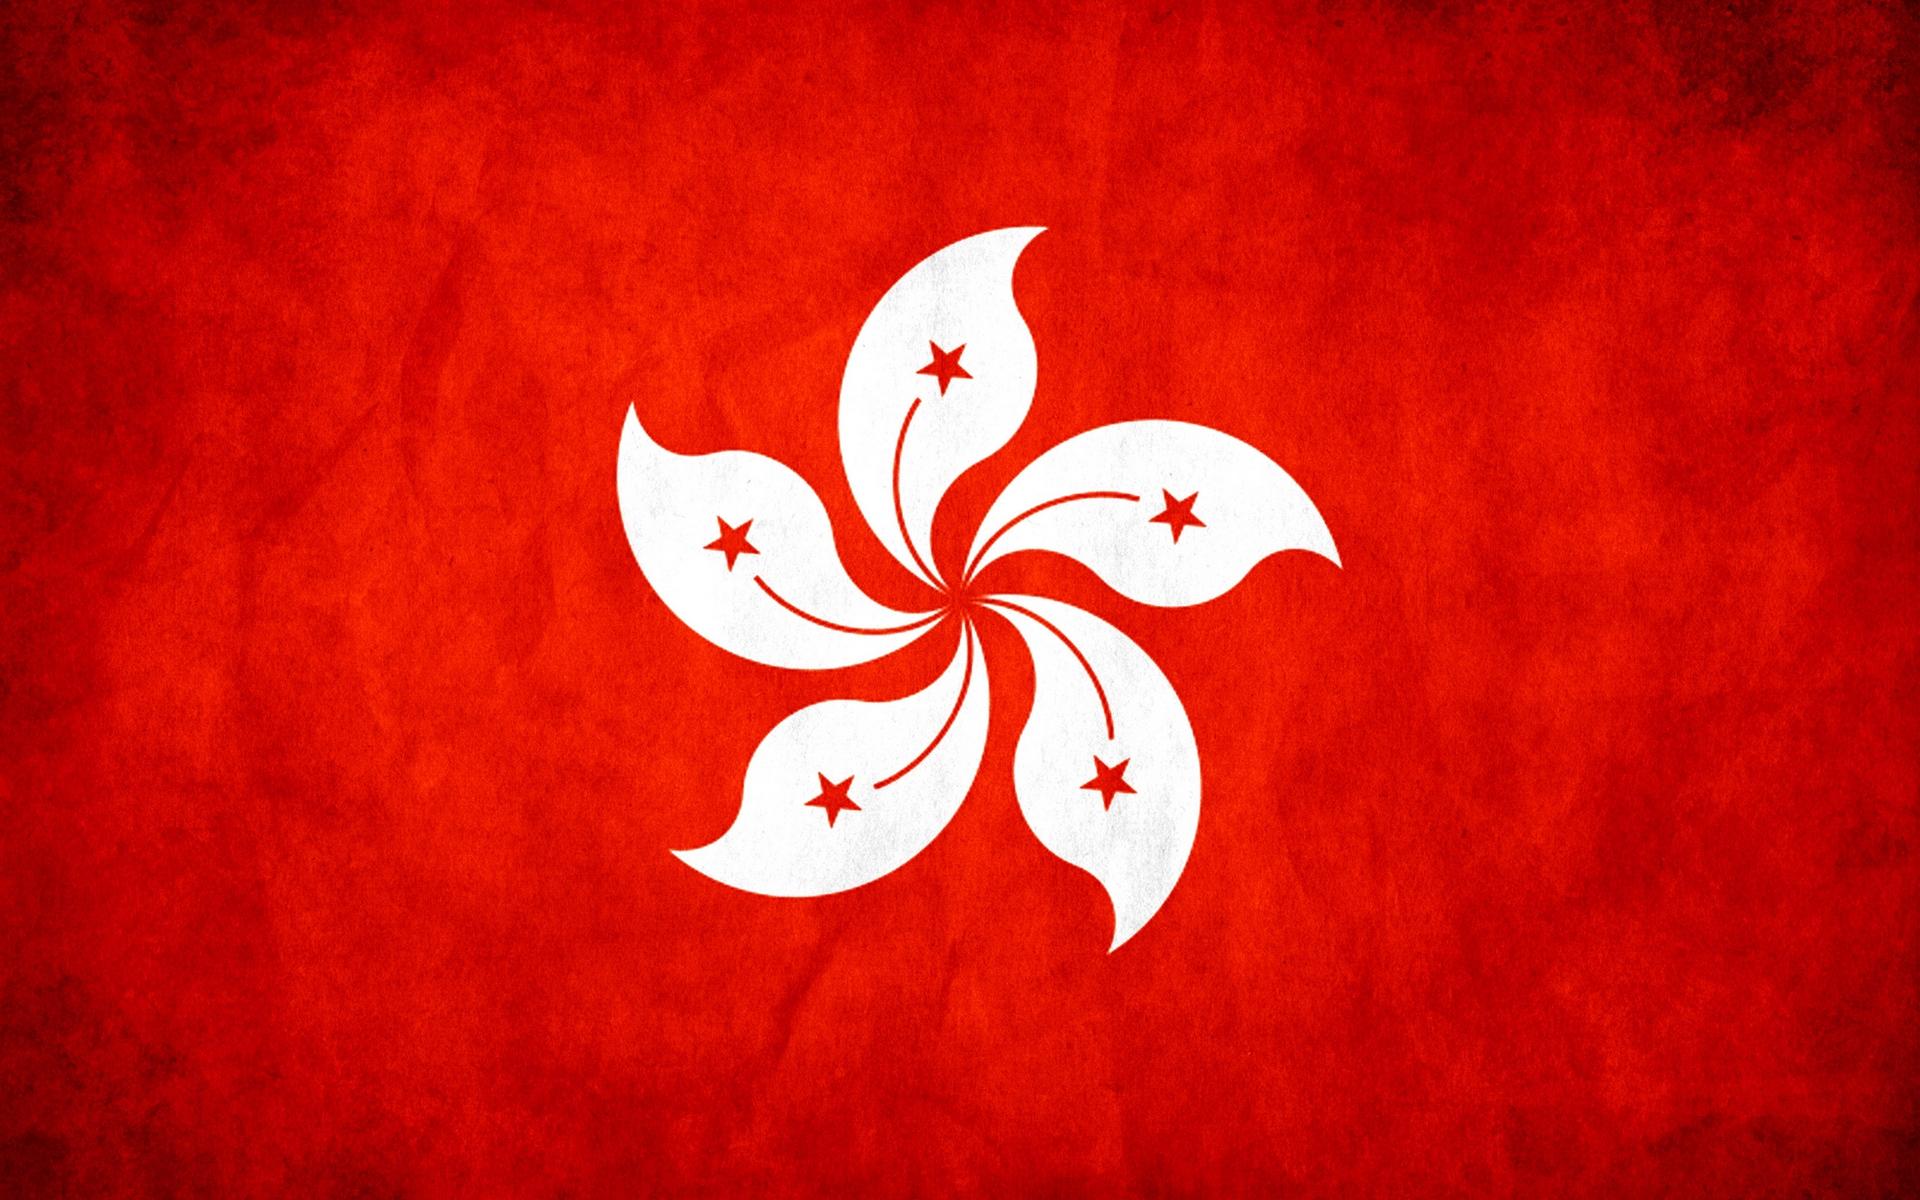 Download wallpaper 1920x1200 flag texture hong kong widescreen 1920x1200